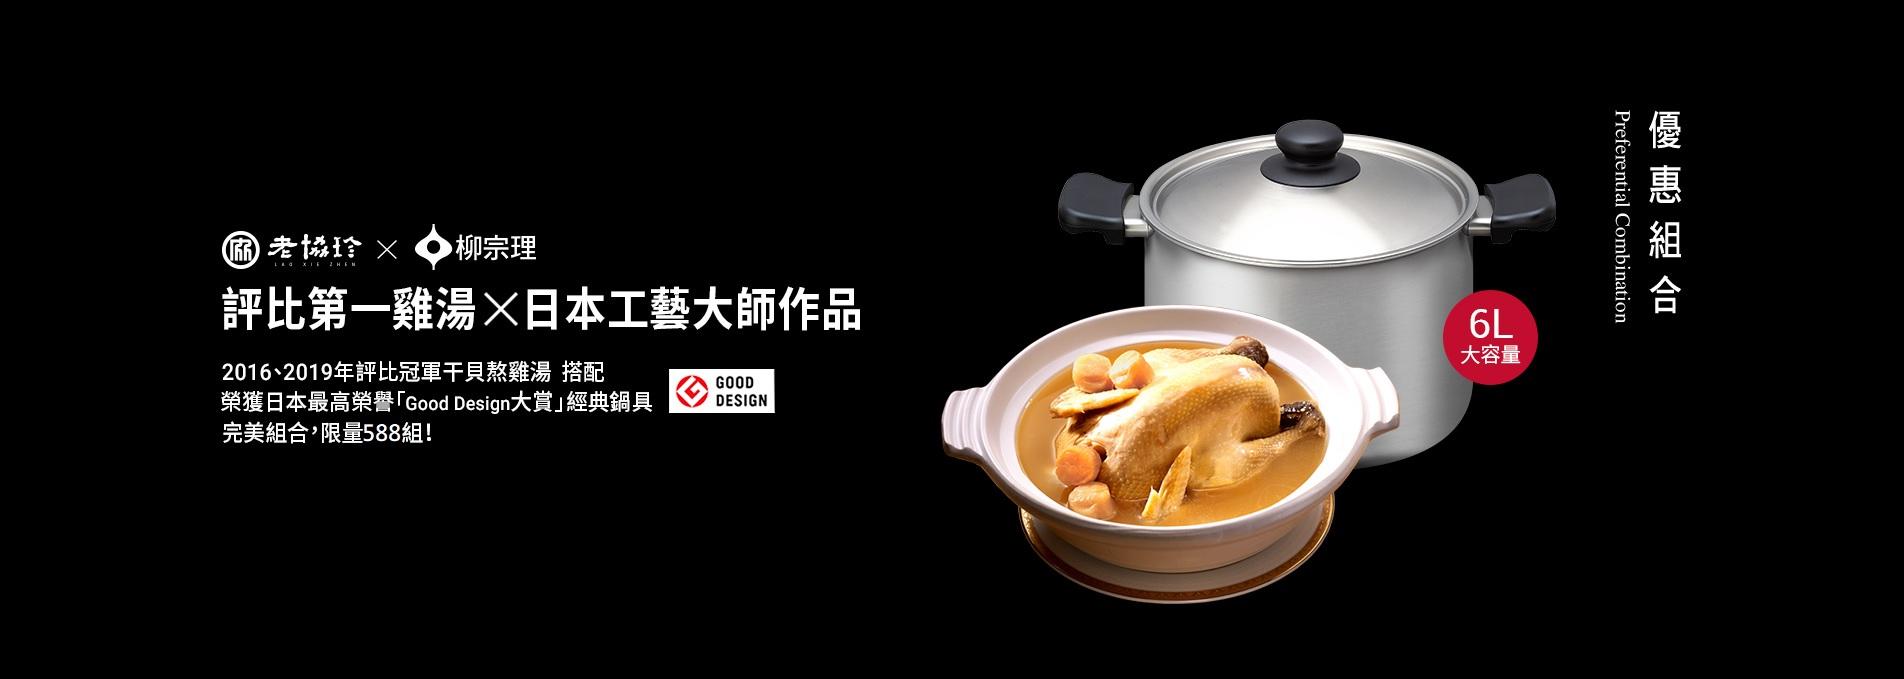 干貝熬雞湯+柳宗理不銹鋼雙耳高鍋優惠套組_湯到貨後鍋具7天內送達